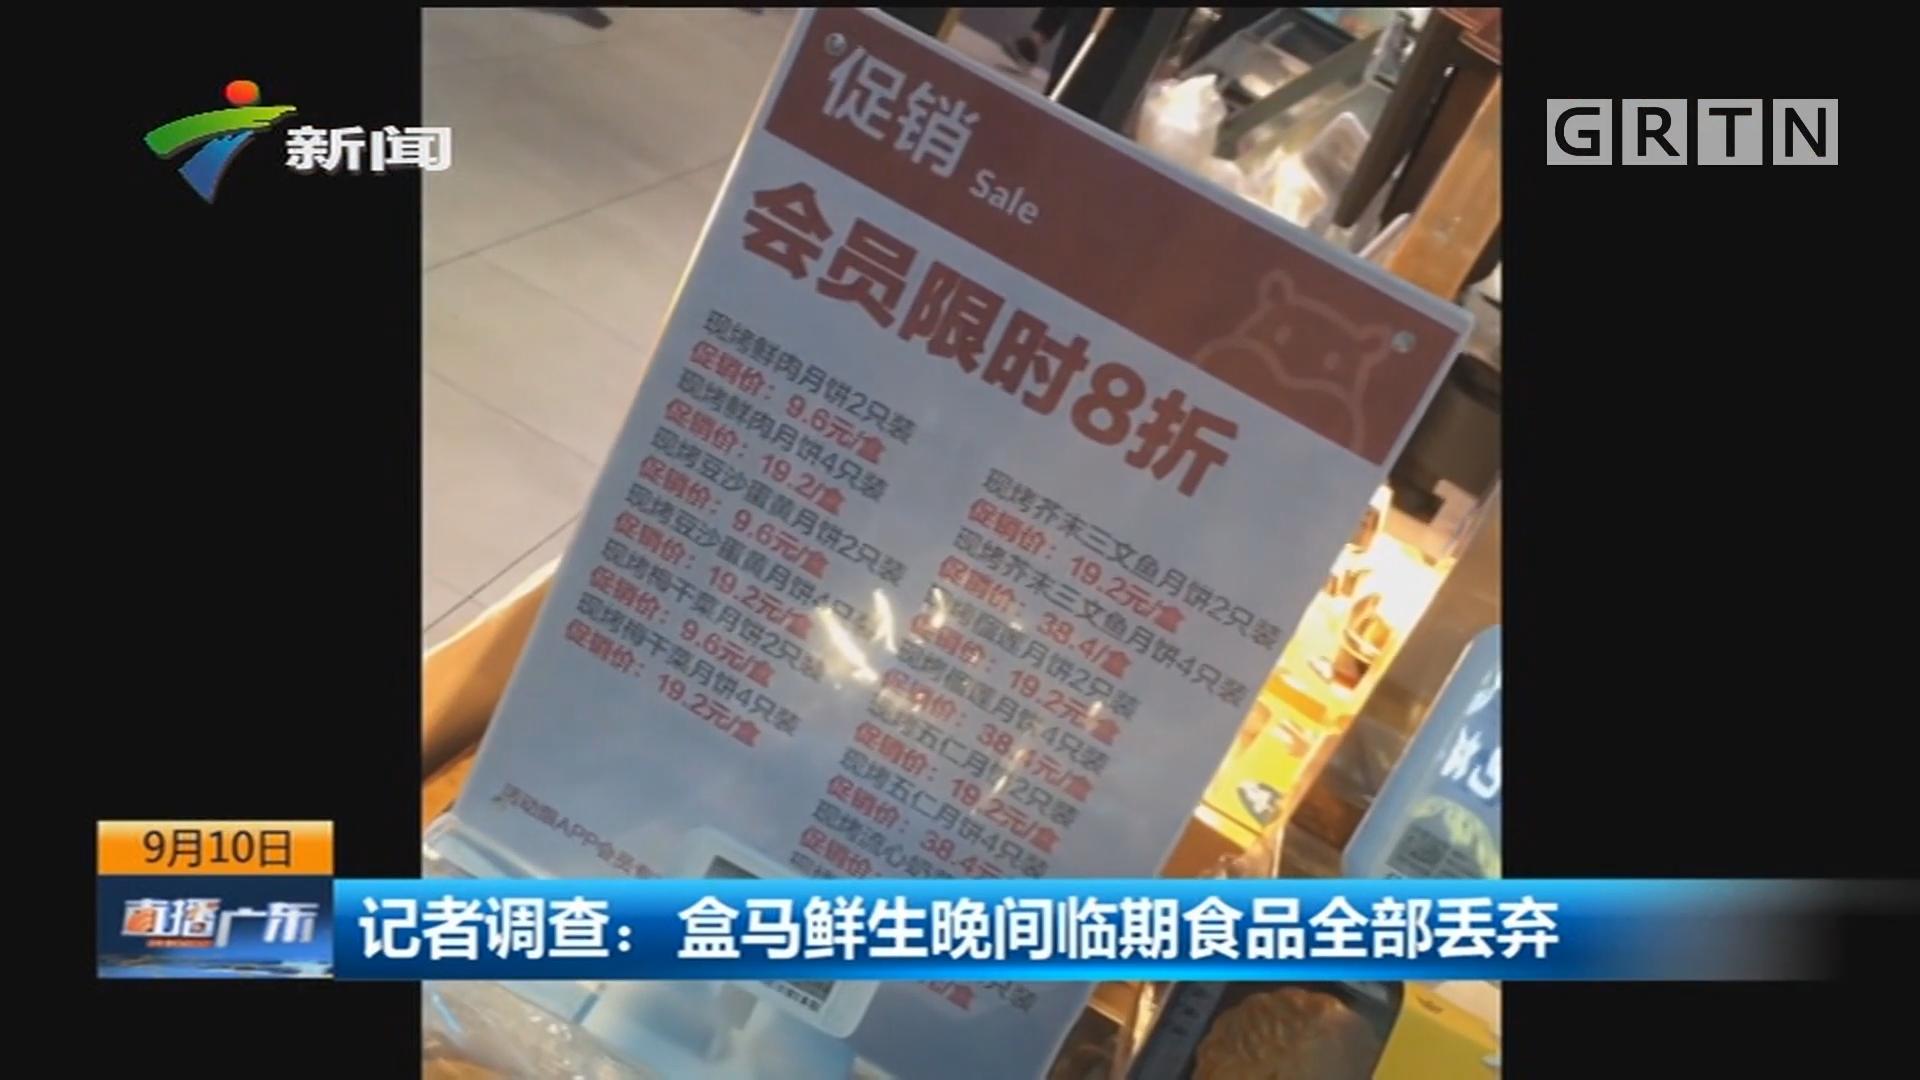 记者调查:盒马鲜生晚间临期食品全部丢弃